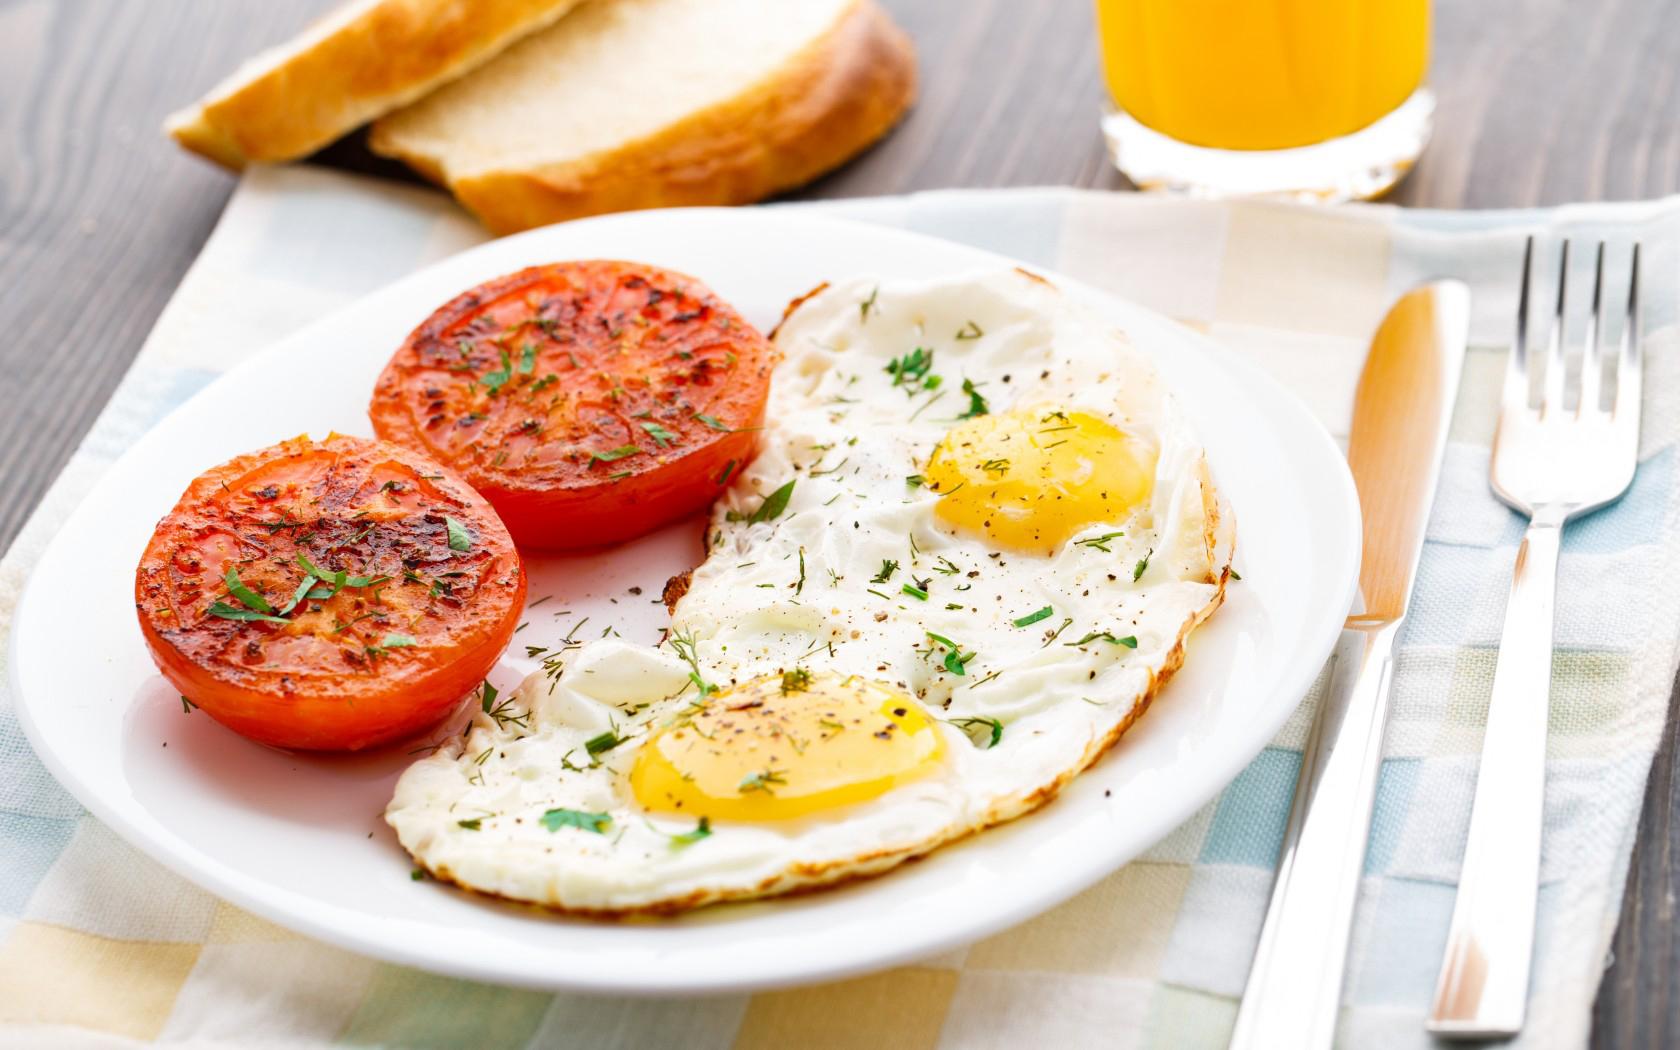 بهترین ماده غذایی برای صبحانه چیست؟